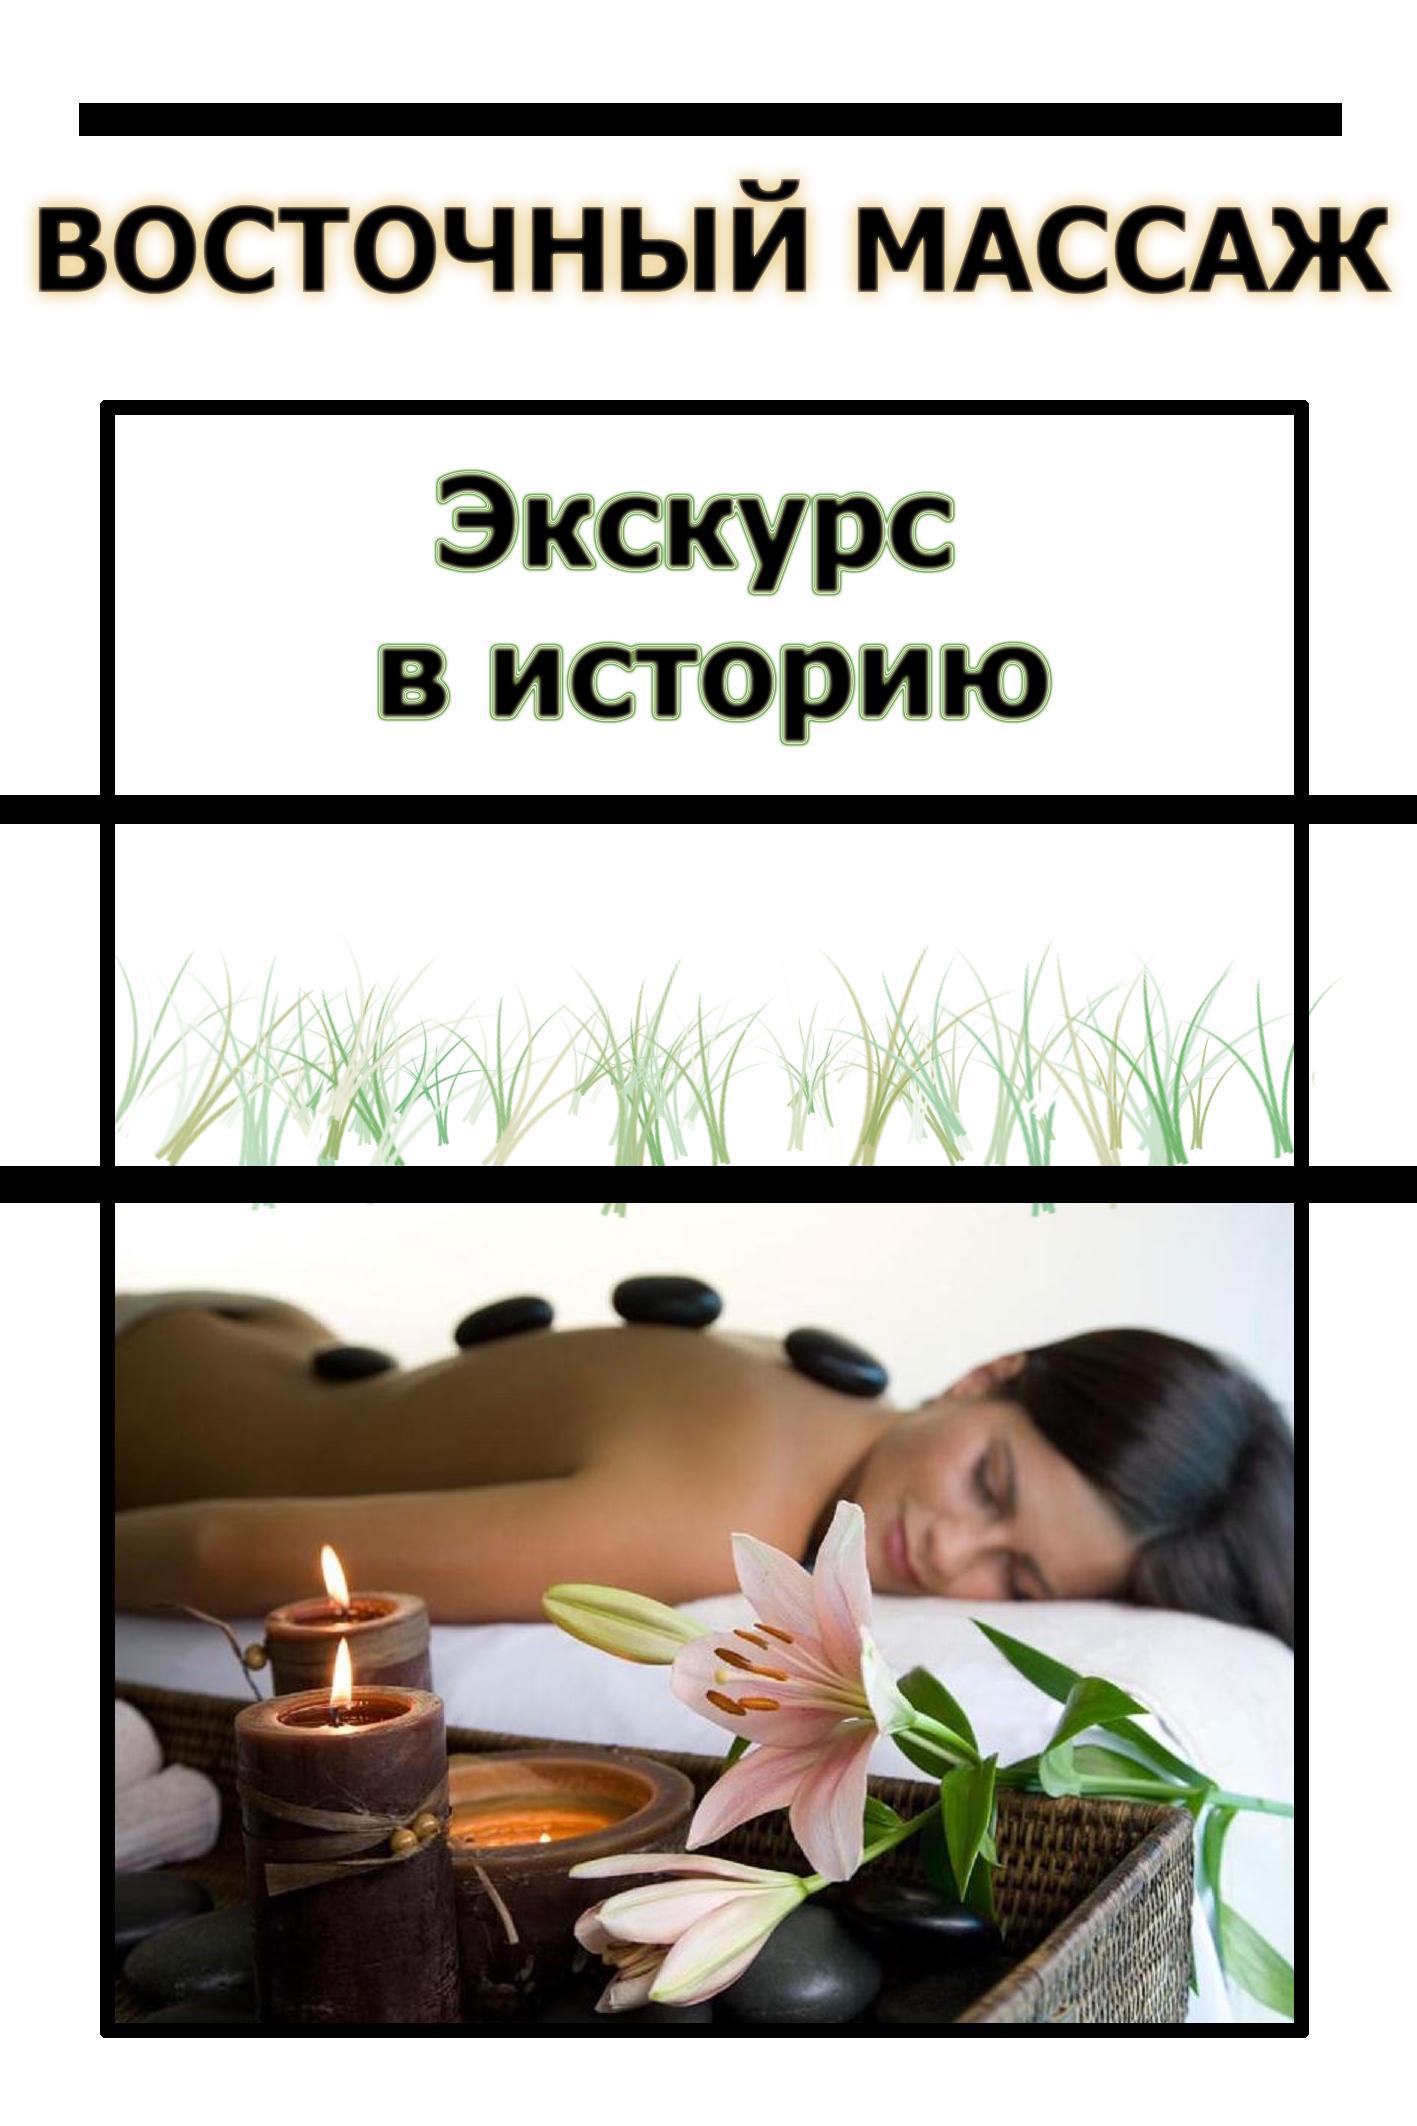 Илья Мельников Восточный массаж. Экскурс в историю феникс восточный целебный массаж лечение спины и позвоночника